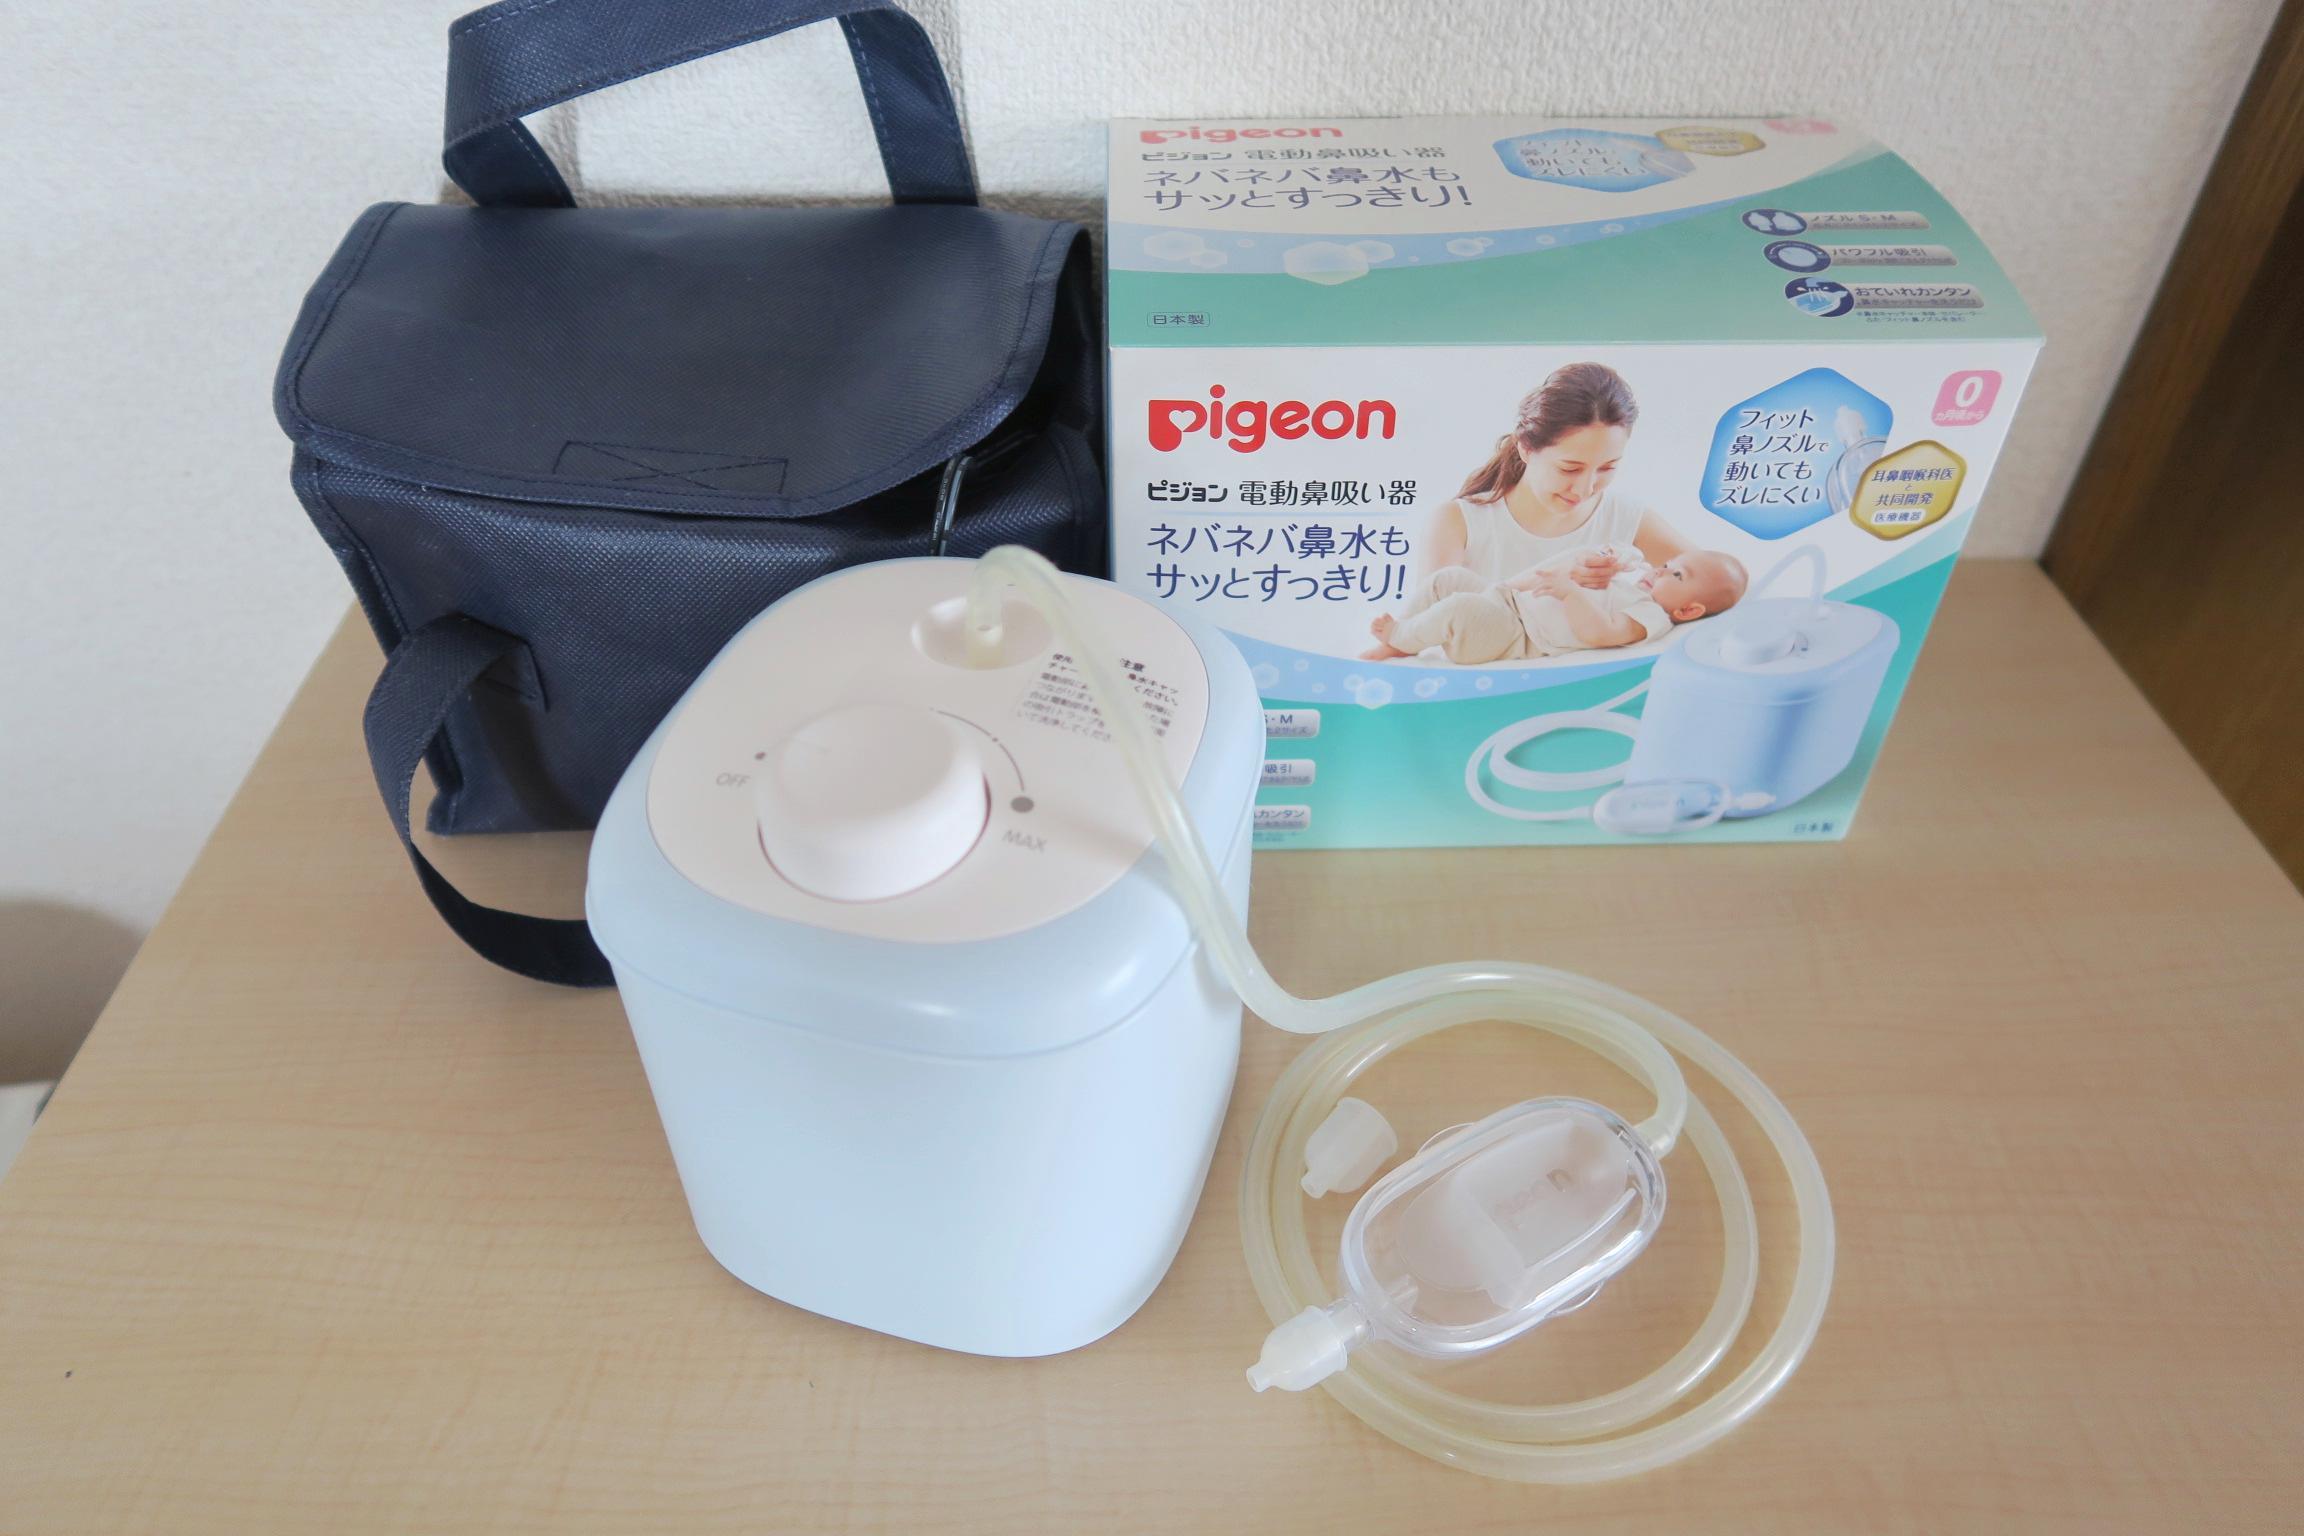 鼻吸い器は育児の必需品!お手入れ簡単・吸いやすいおすすめはピジョン